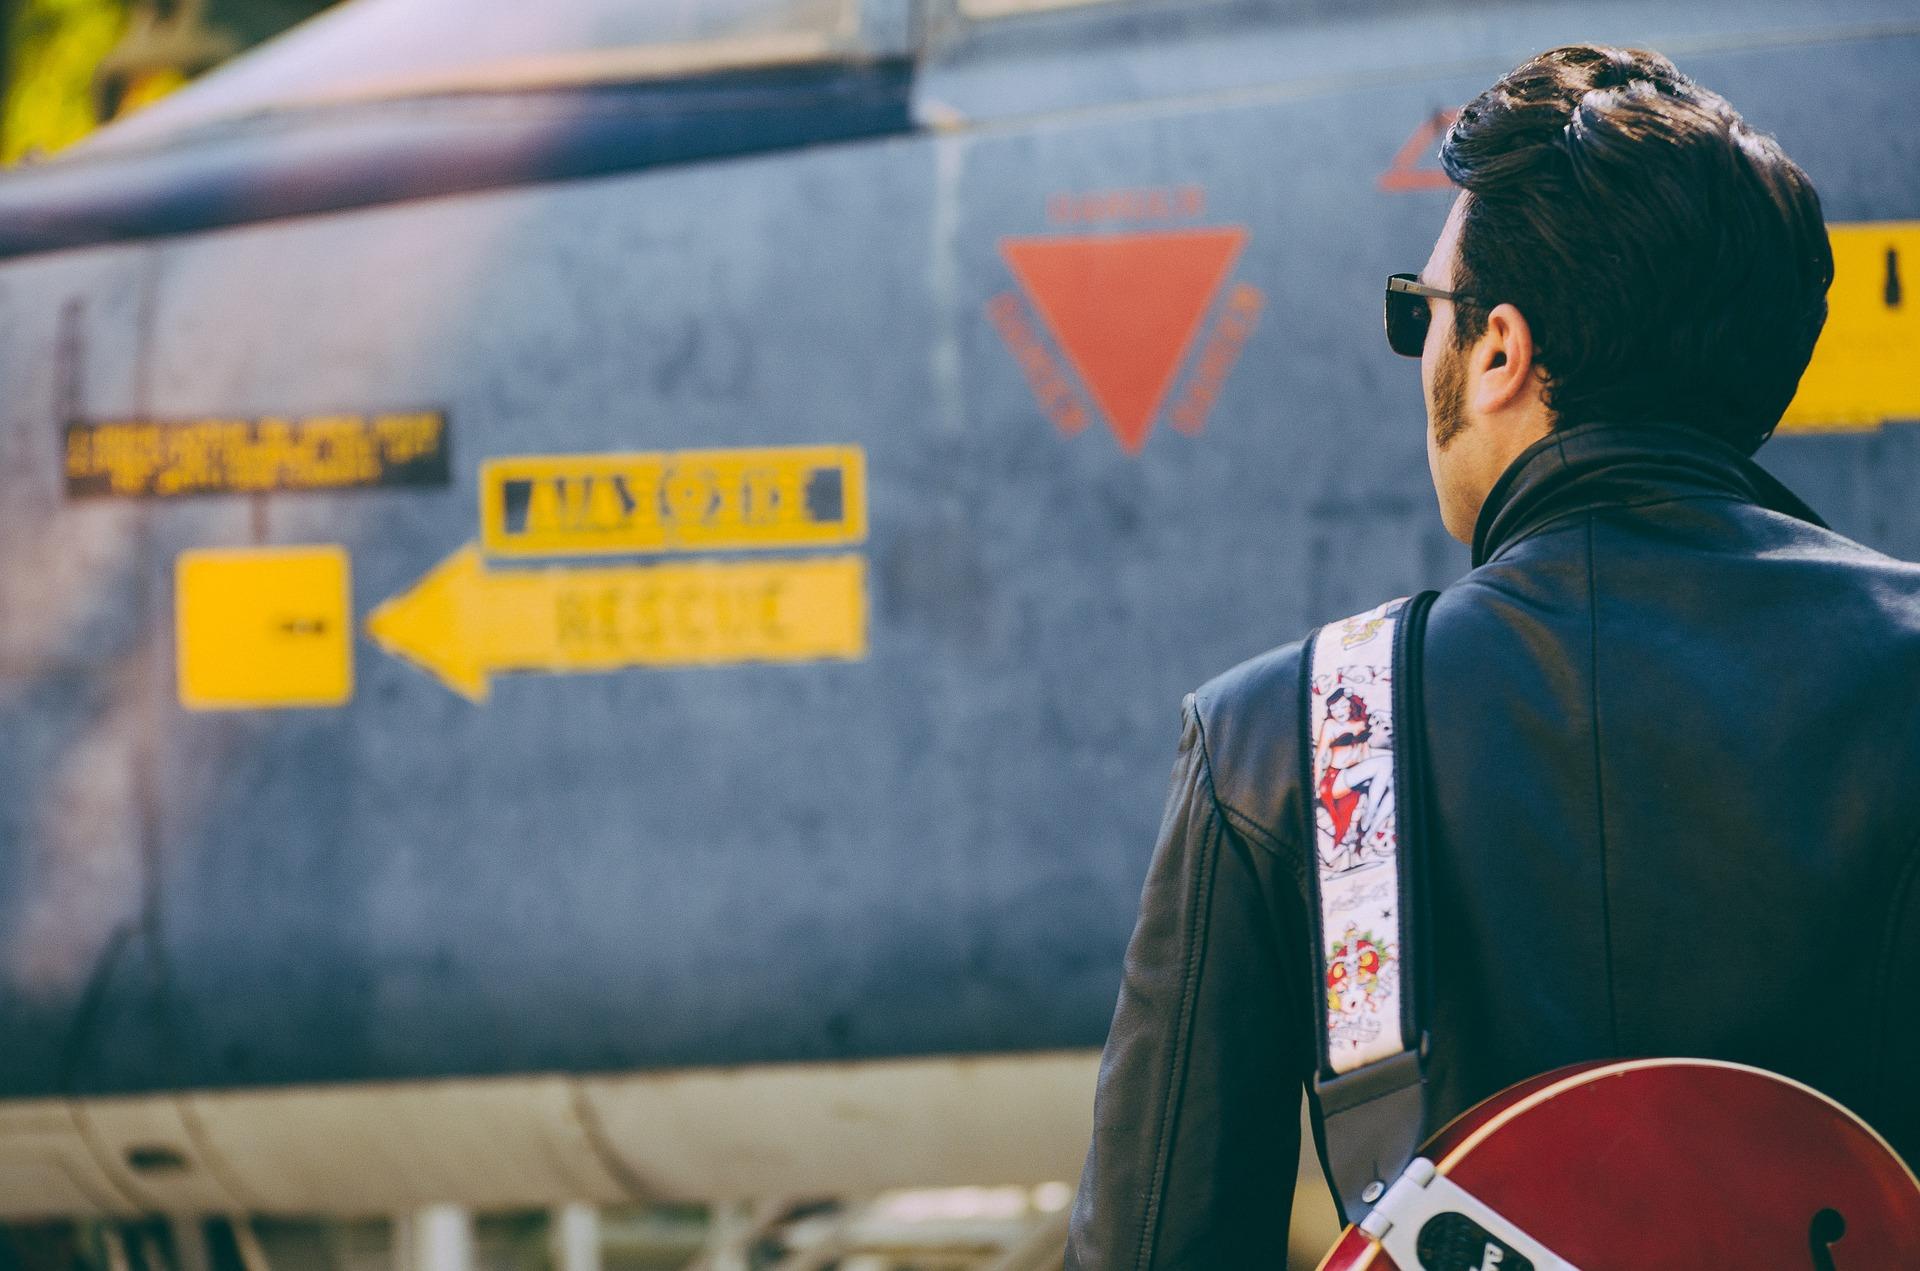 שיווק עם כנפיים: איך KLM שכנעה לקוחות להזמין טיסות במובייל